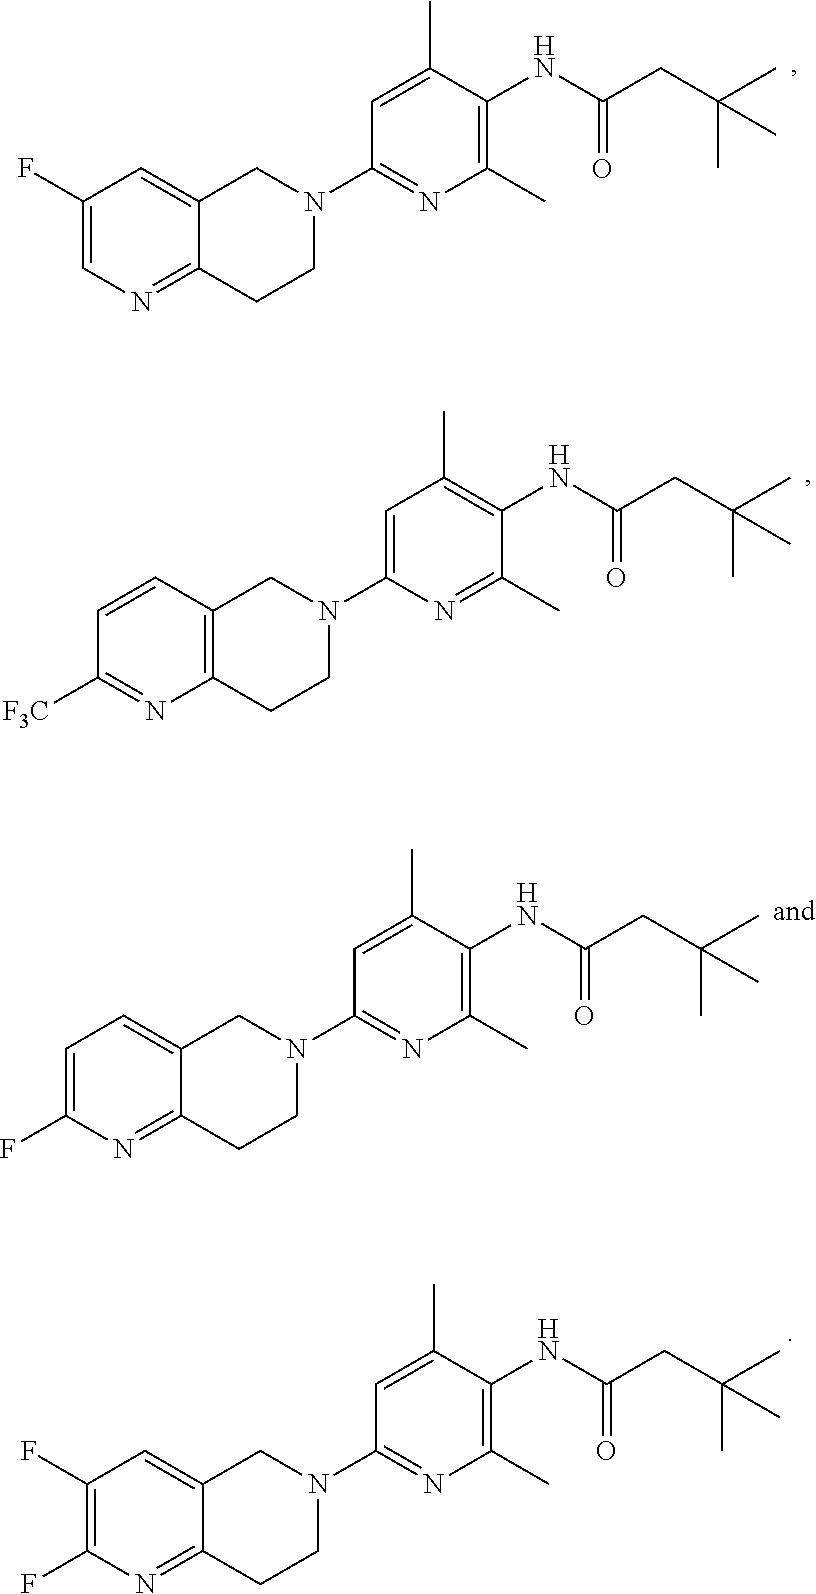 Figure US08563566-20131022-C00028